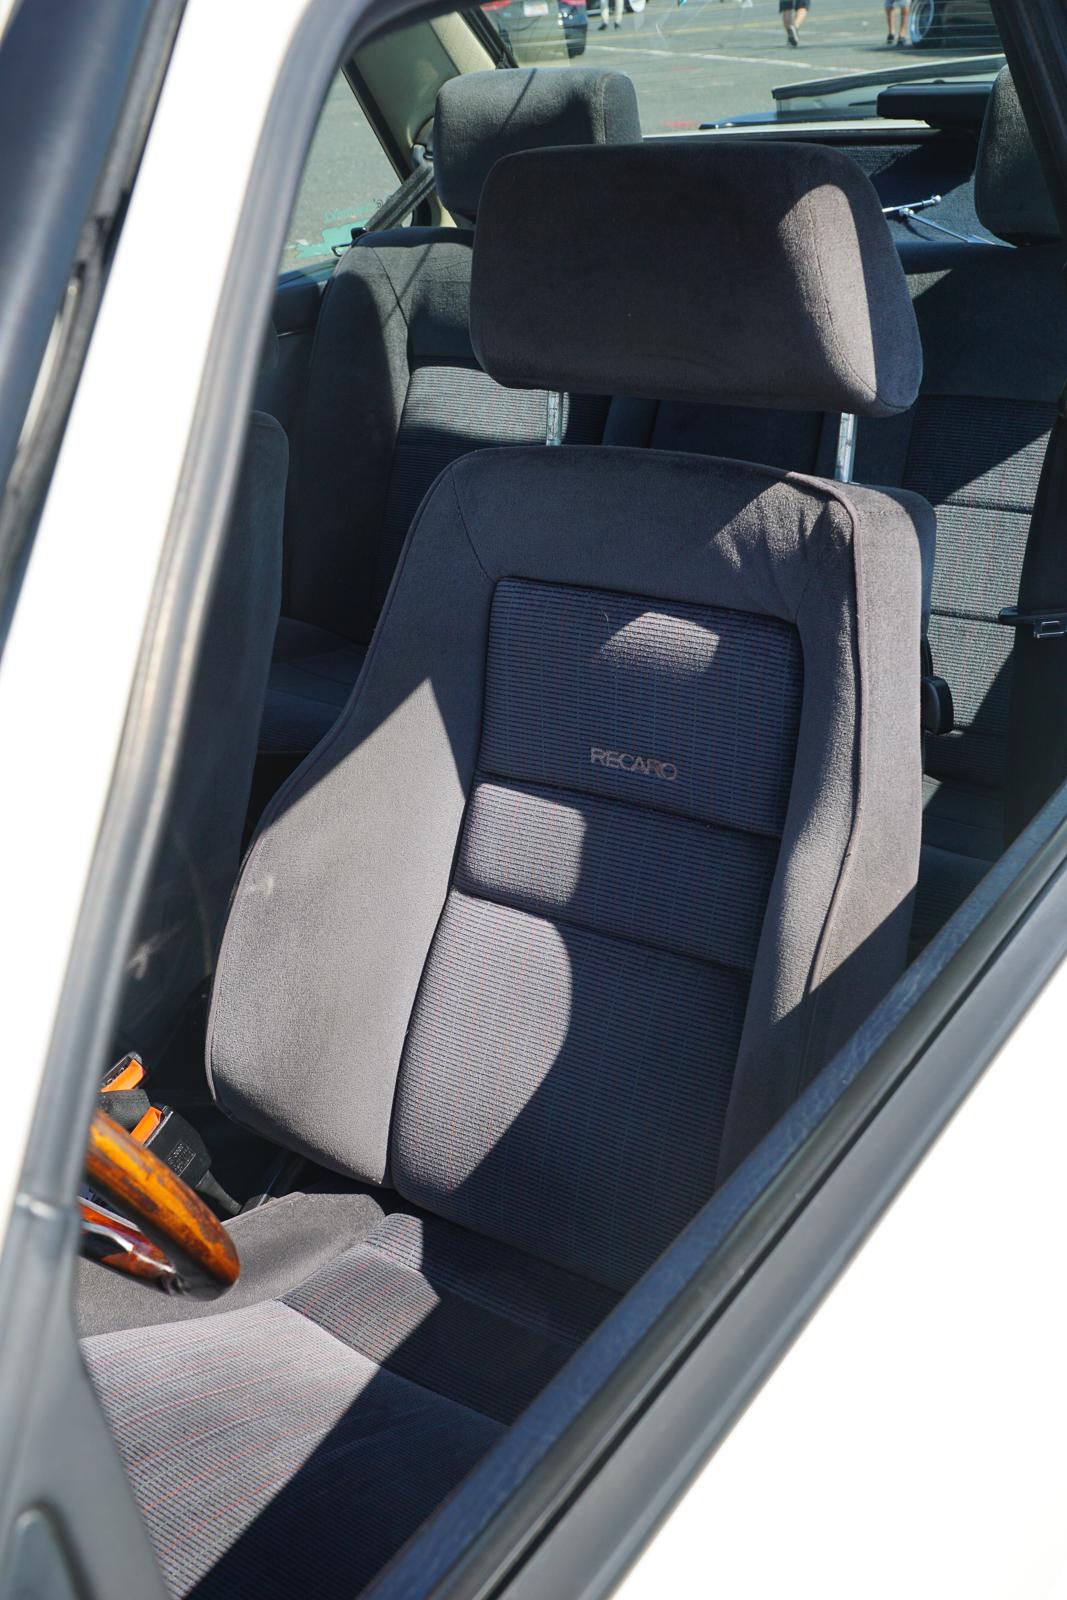 Audi A6 Hybrid Fourtitudecom